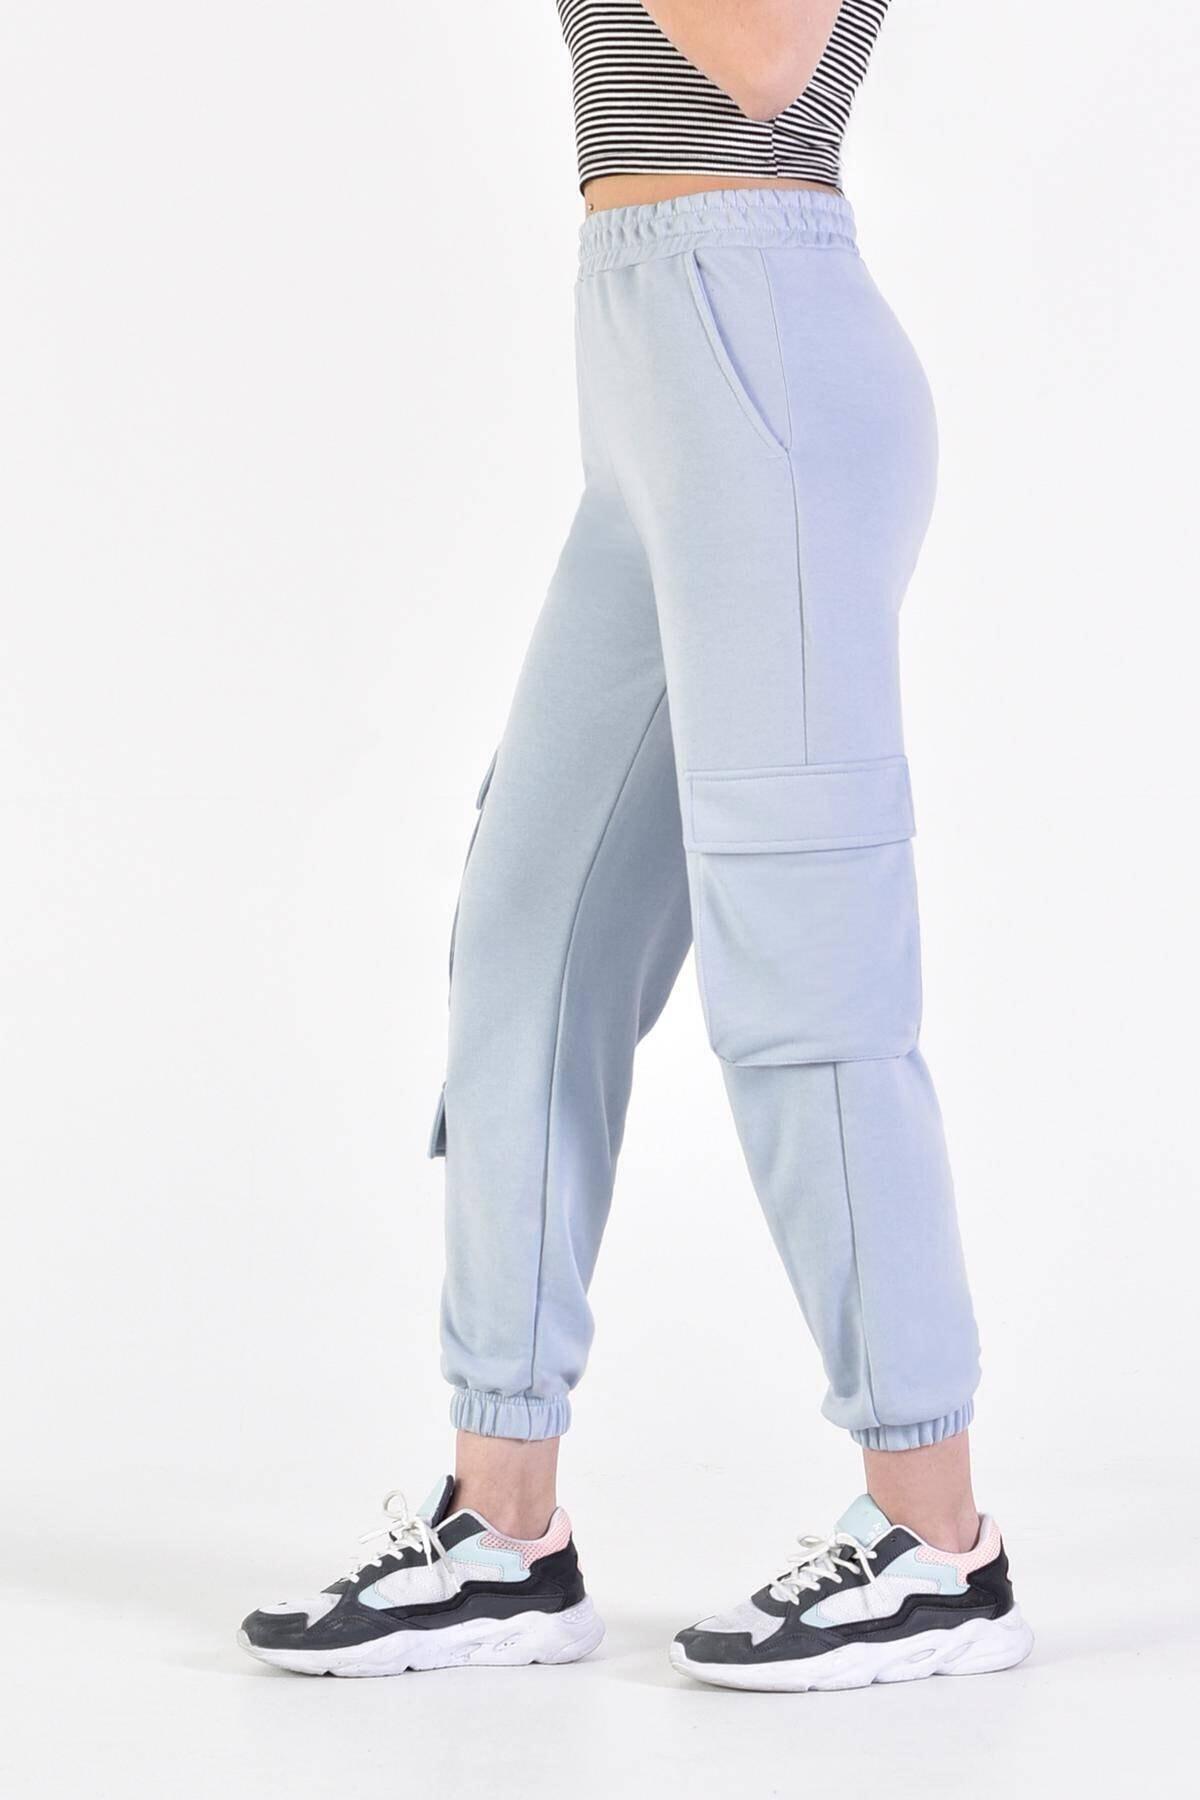 Addax Kadın Açık Mavi Cep Detaylı Eşofman Eşf0836 - U10 - U11 2